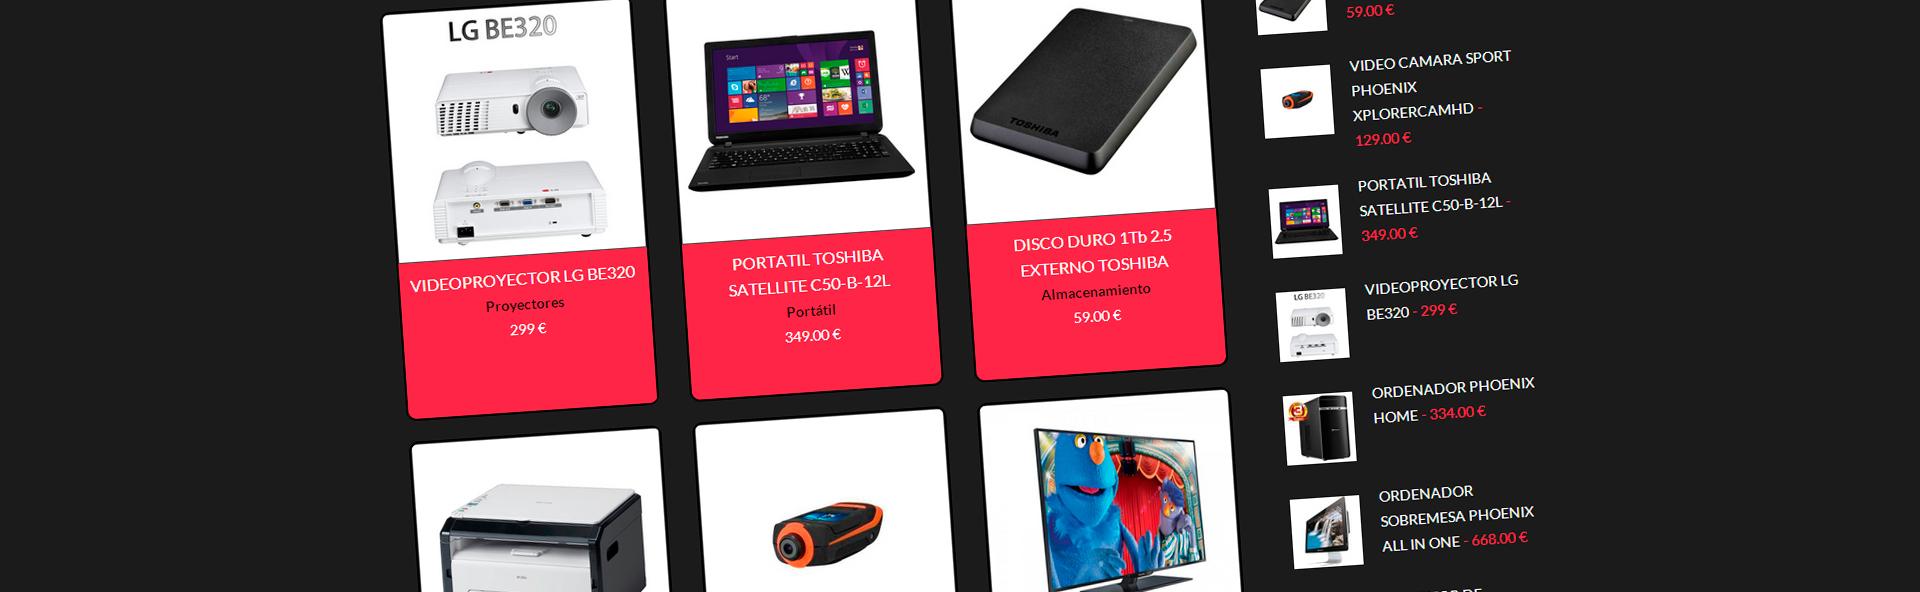 Venta de productos de nuevas tecnologías